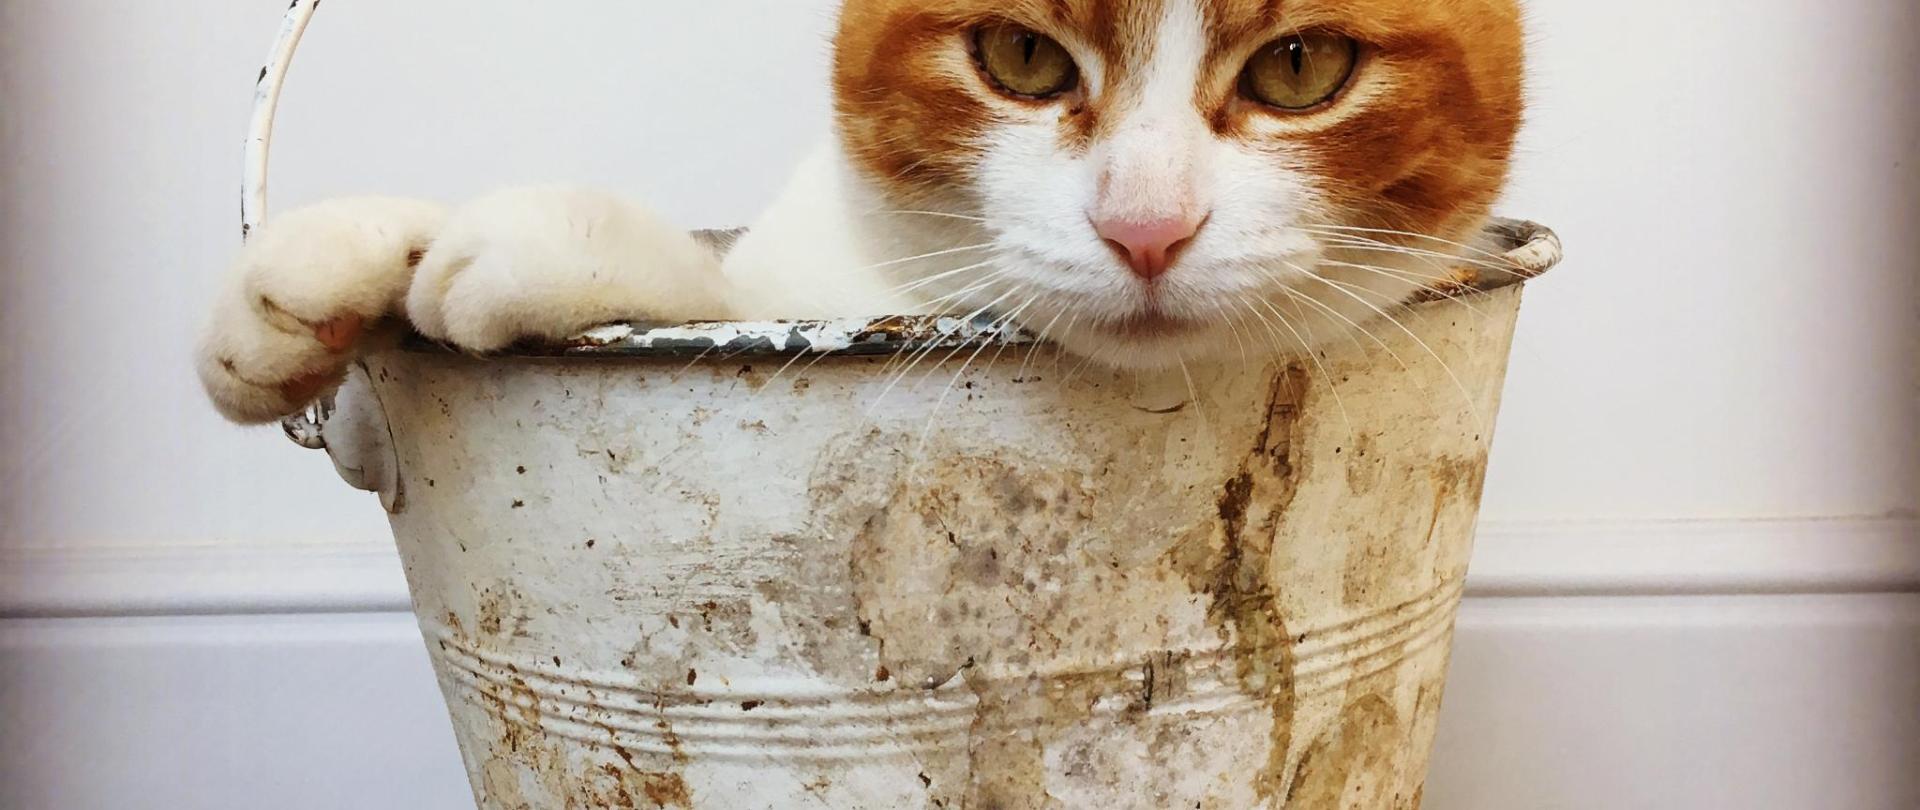 il gatto dentro al secchio.JPG